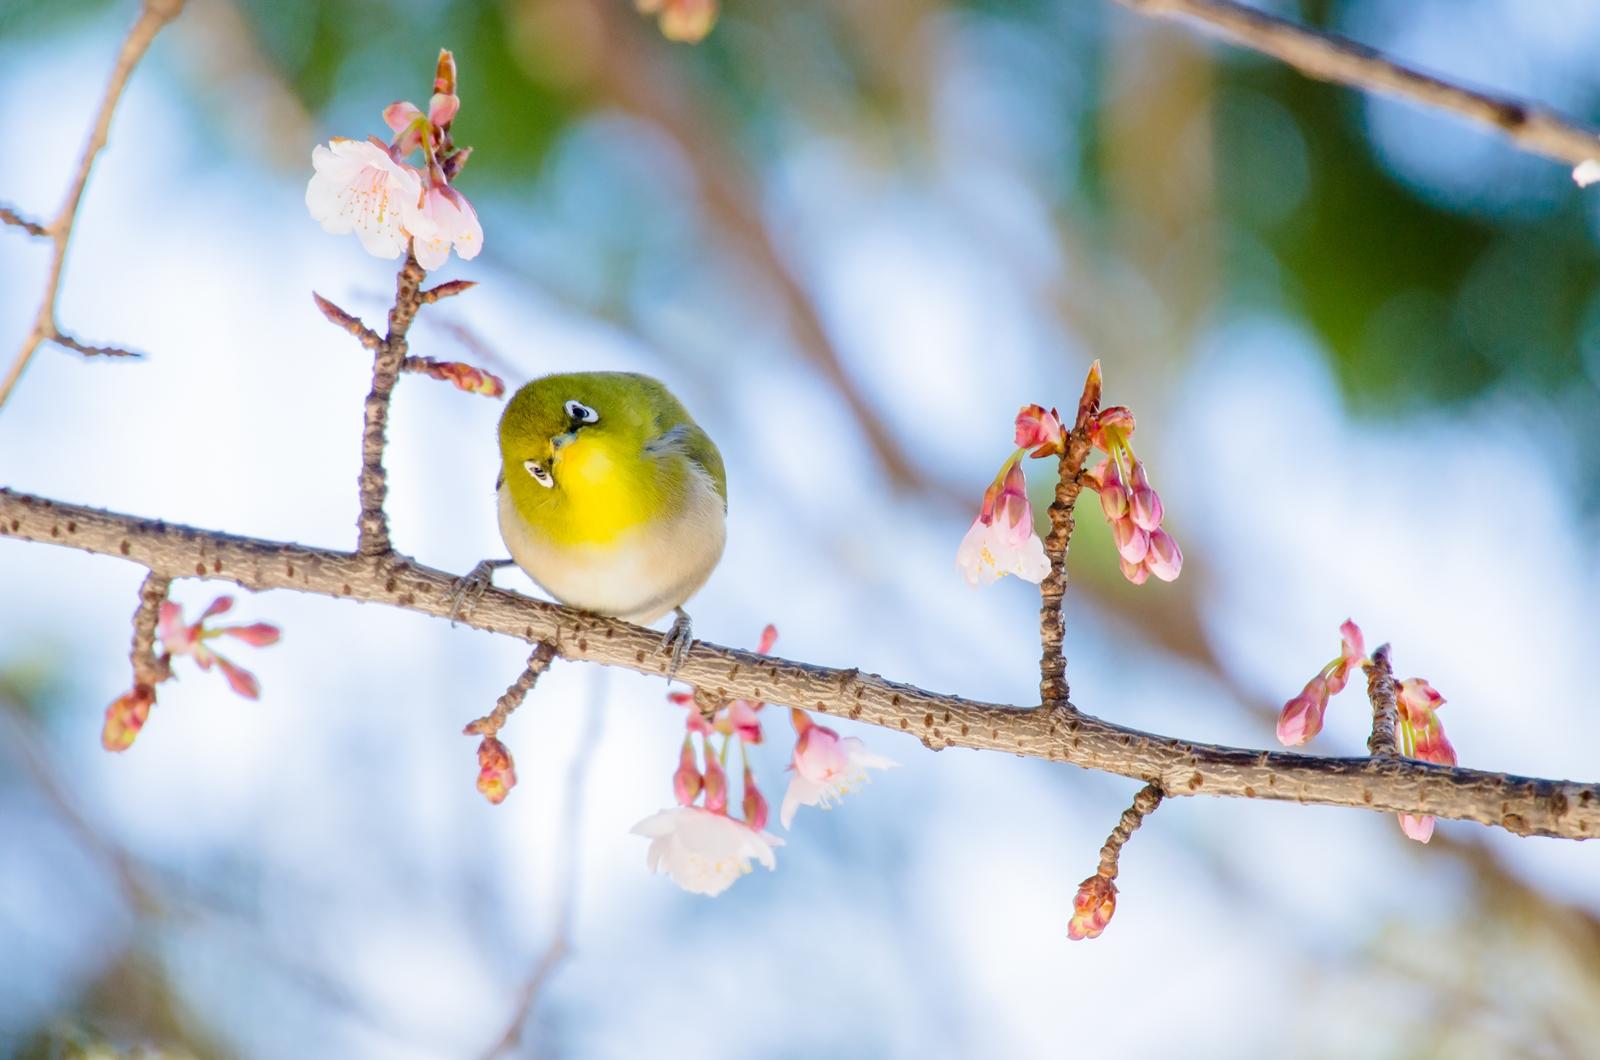 """Photo: 「お花見する?」 / Let's enjoy the cherry blossoms together.  """"咲き始めた 春の喜び 嬉しさを分かち合いたくて 来る者みんなに視線を向ける""""  写真展『まなざし』出展作品より 今回ご紹介させていただくのは メインテーマ「まなざし」の 24枚のうちの1枚 「お花見する?」です。  ぽつりぽつりと咲きはじめた 早咲きの桜の中で 夢中で楽しむメジロ、 訪れる人にも 一緒に楽しもうよと 話しかけてくれているようでした♪  私の個展も29日(日)までです。 平日に来られる方は比較的に のんびりと楽しんでいただけると思うので、 御都合がつけばぜひお越しください^^  この一枚のように たくさんの小鳥たちのまなざし そして小さなメッセージ、 形として完成された作品、 ぜひそのものを見ていただきたいです。 どうぞ宜しくお願いいたします!  ・大塩貴文 写真展『まなざし』 お手数ですが詳細は下記リンクを参照してください。 < http://islandgallery.jp/12134 >  ・Live Talk YouTubeアーカイブ 少しずついろんな方に見ていただくことができ 閲覧数もどんどんと増えています、 たくさんありがとうございます! < https://youtu.be/EIPFeUxyRwE >  #birdphotography #birds  #cooljapan #kawaii  #nikon #sigma"""